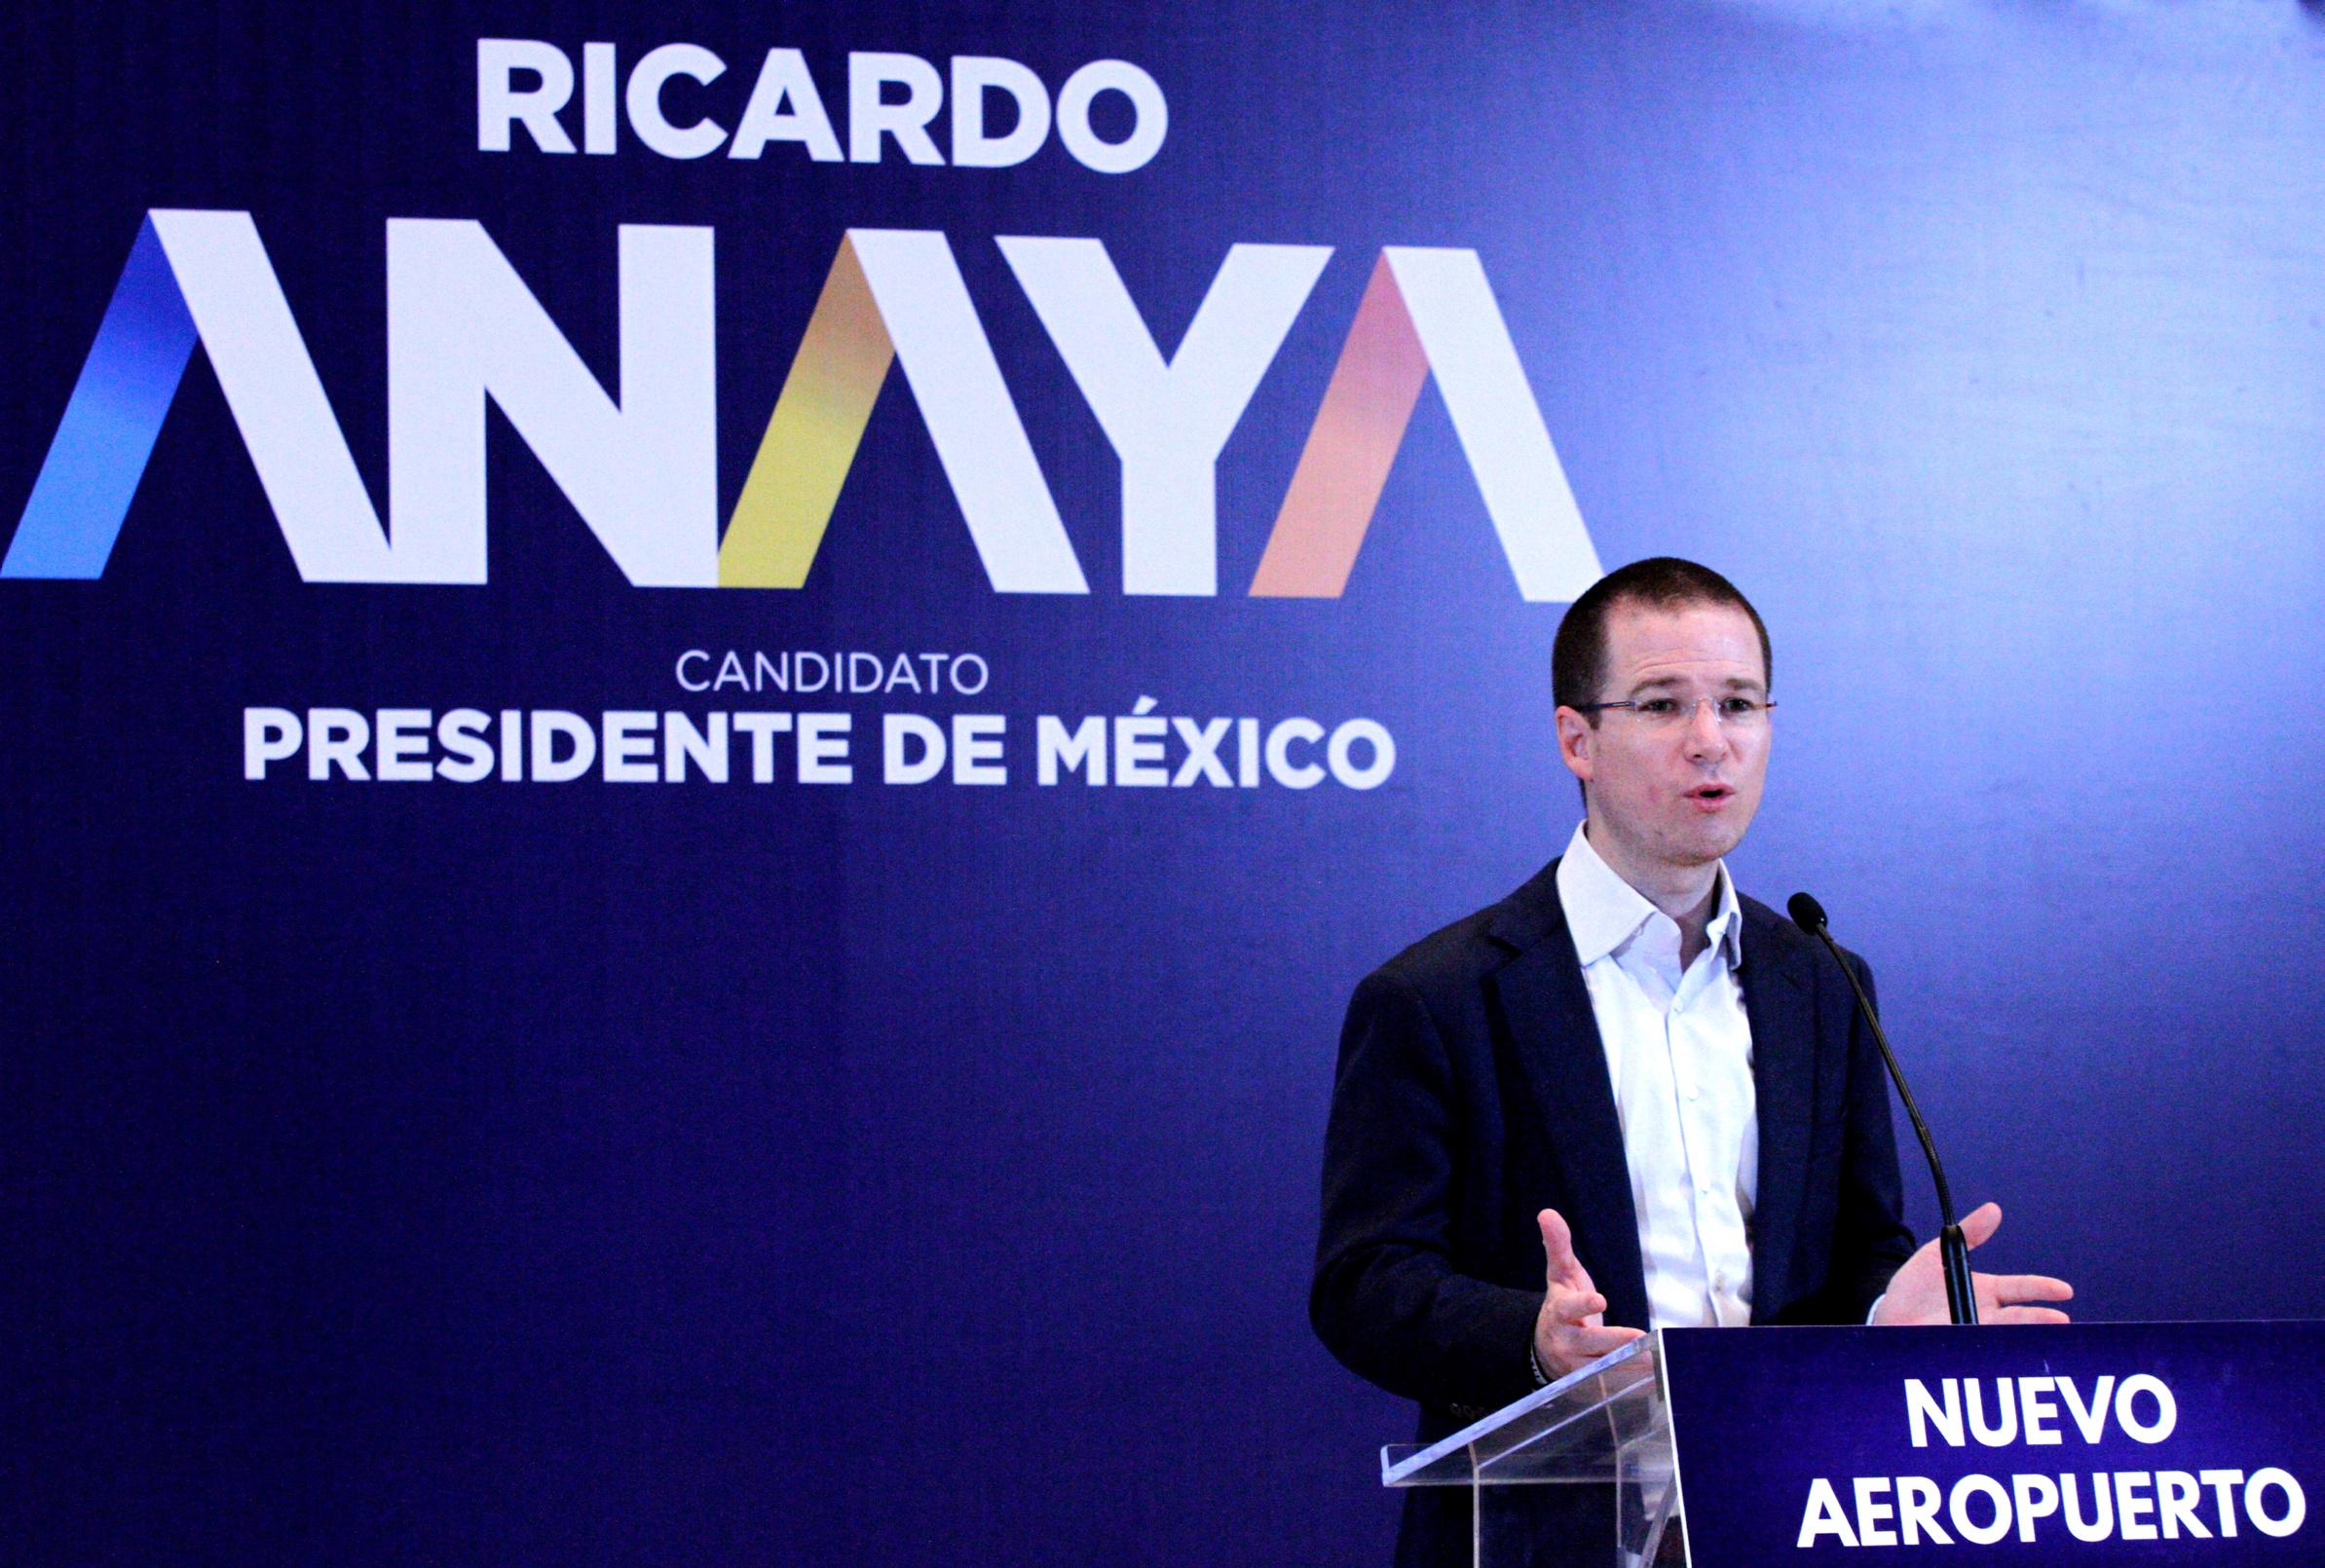 Anaya secunda al INE en rechazo a la violencia en proceso electoral